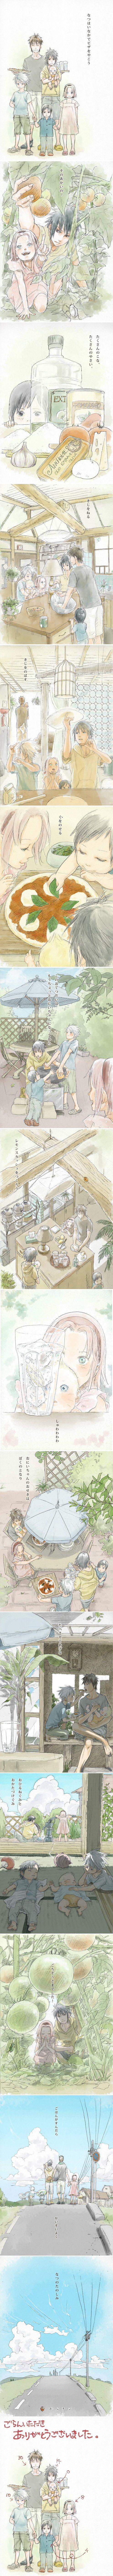 Kakashi, Yamato, Sasuke, Naruto, Sai and Sakura as a family. Omg, so cute!